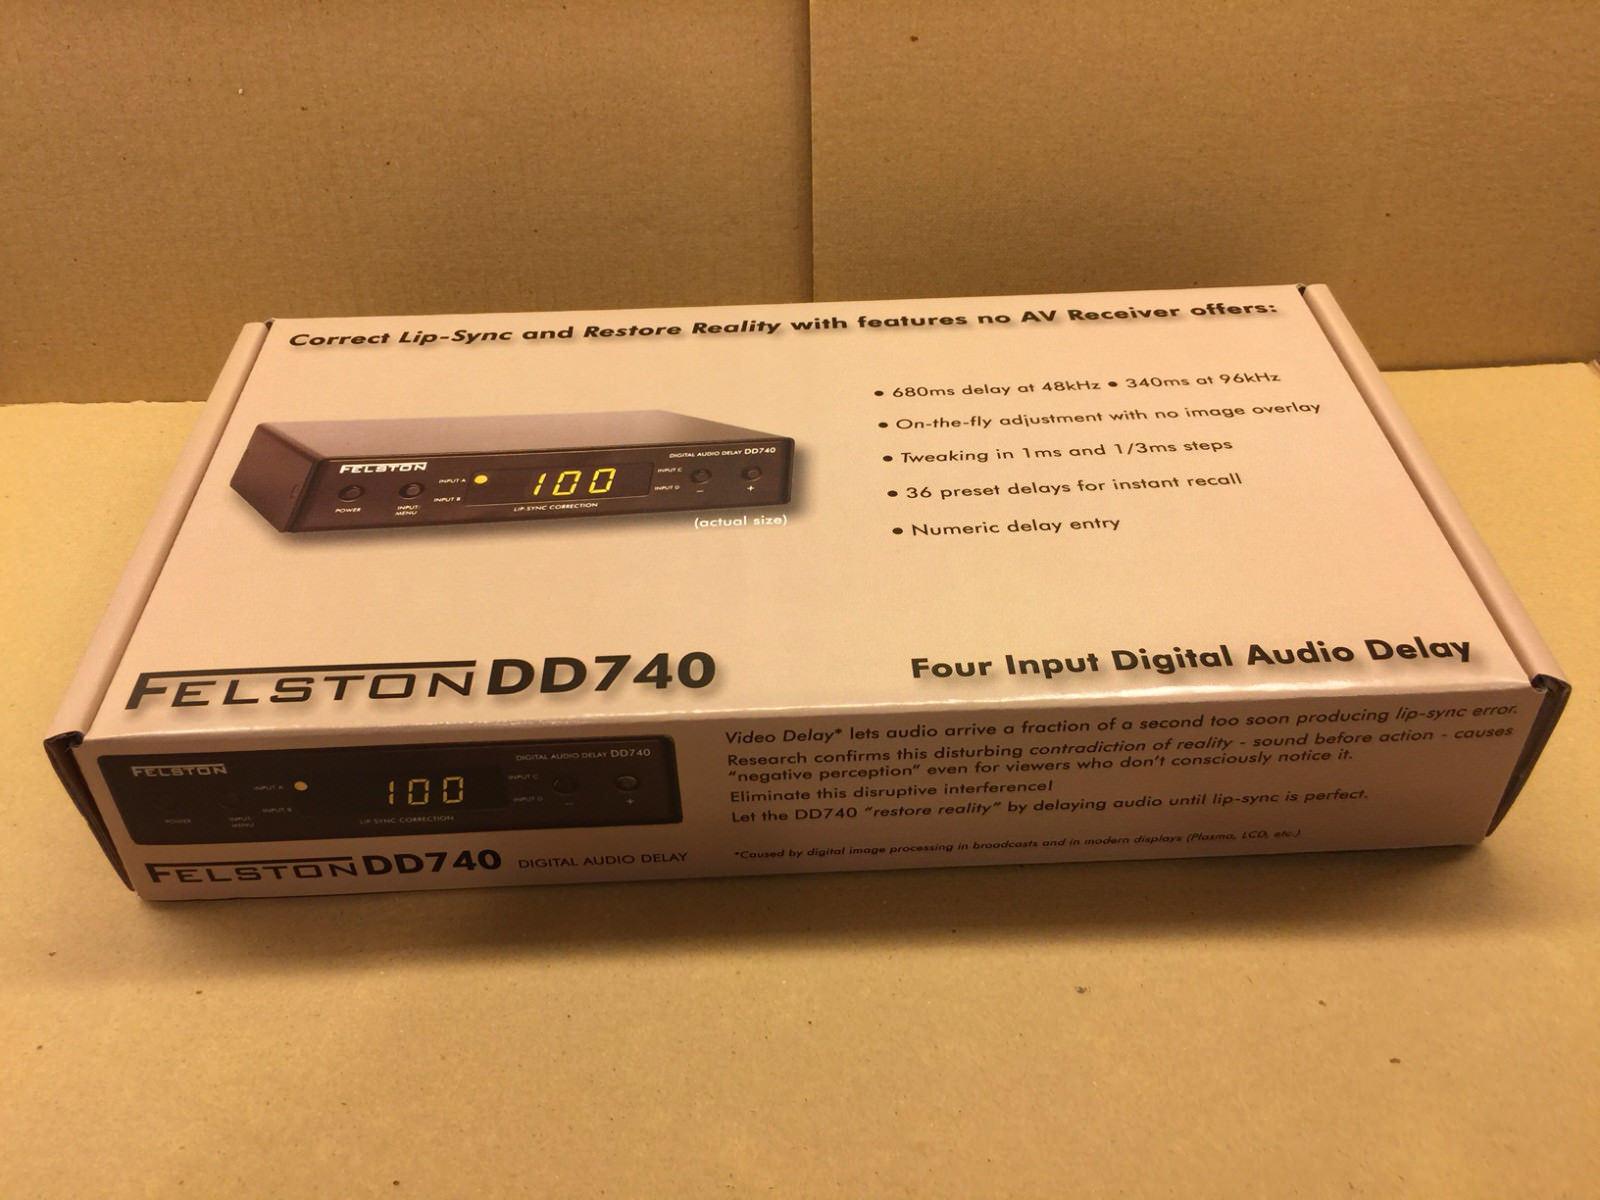 Felston DD740 Digital Audio Delay for lip-sync correction